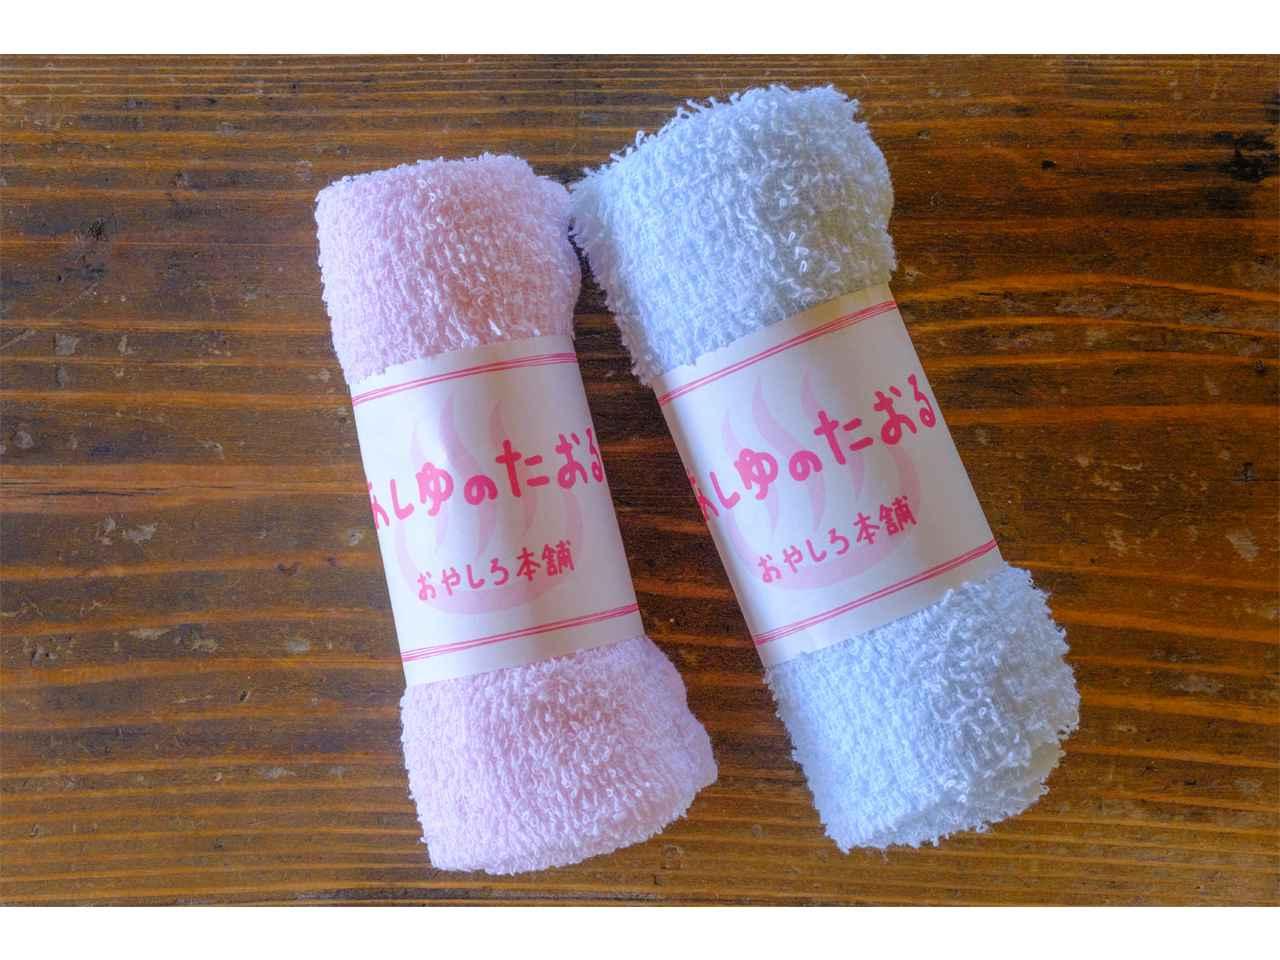 画像: タオルも販売されています。